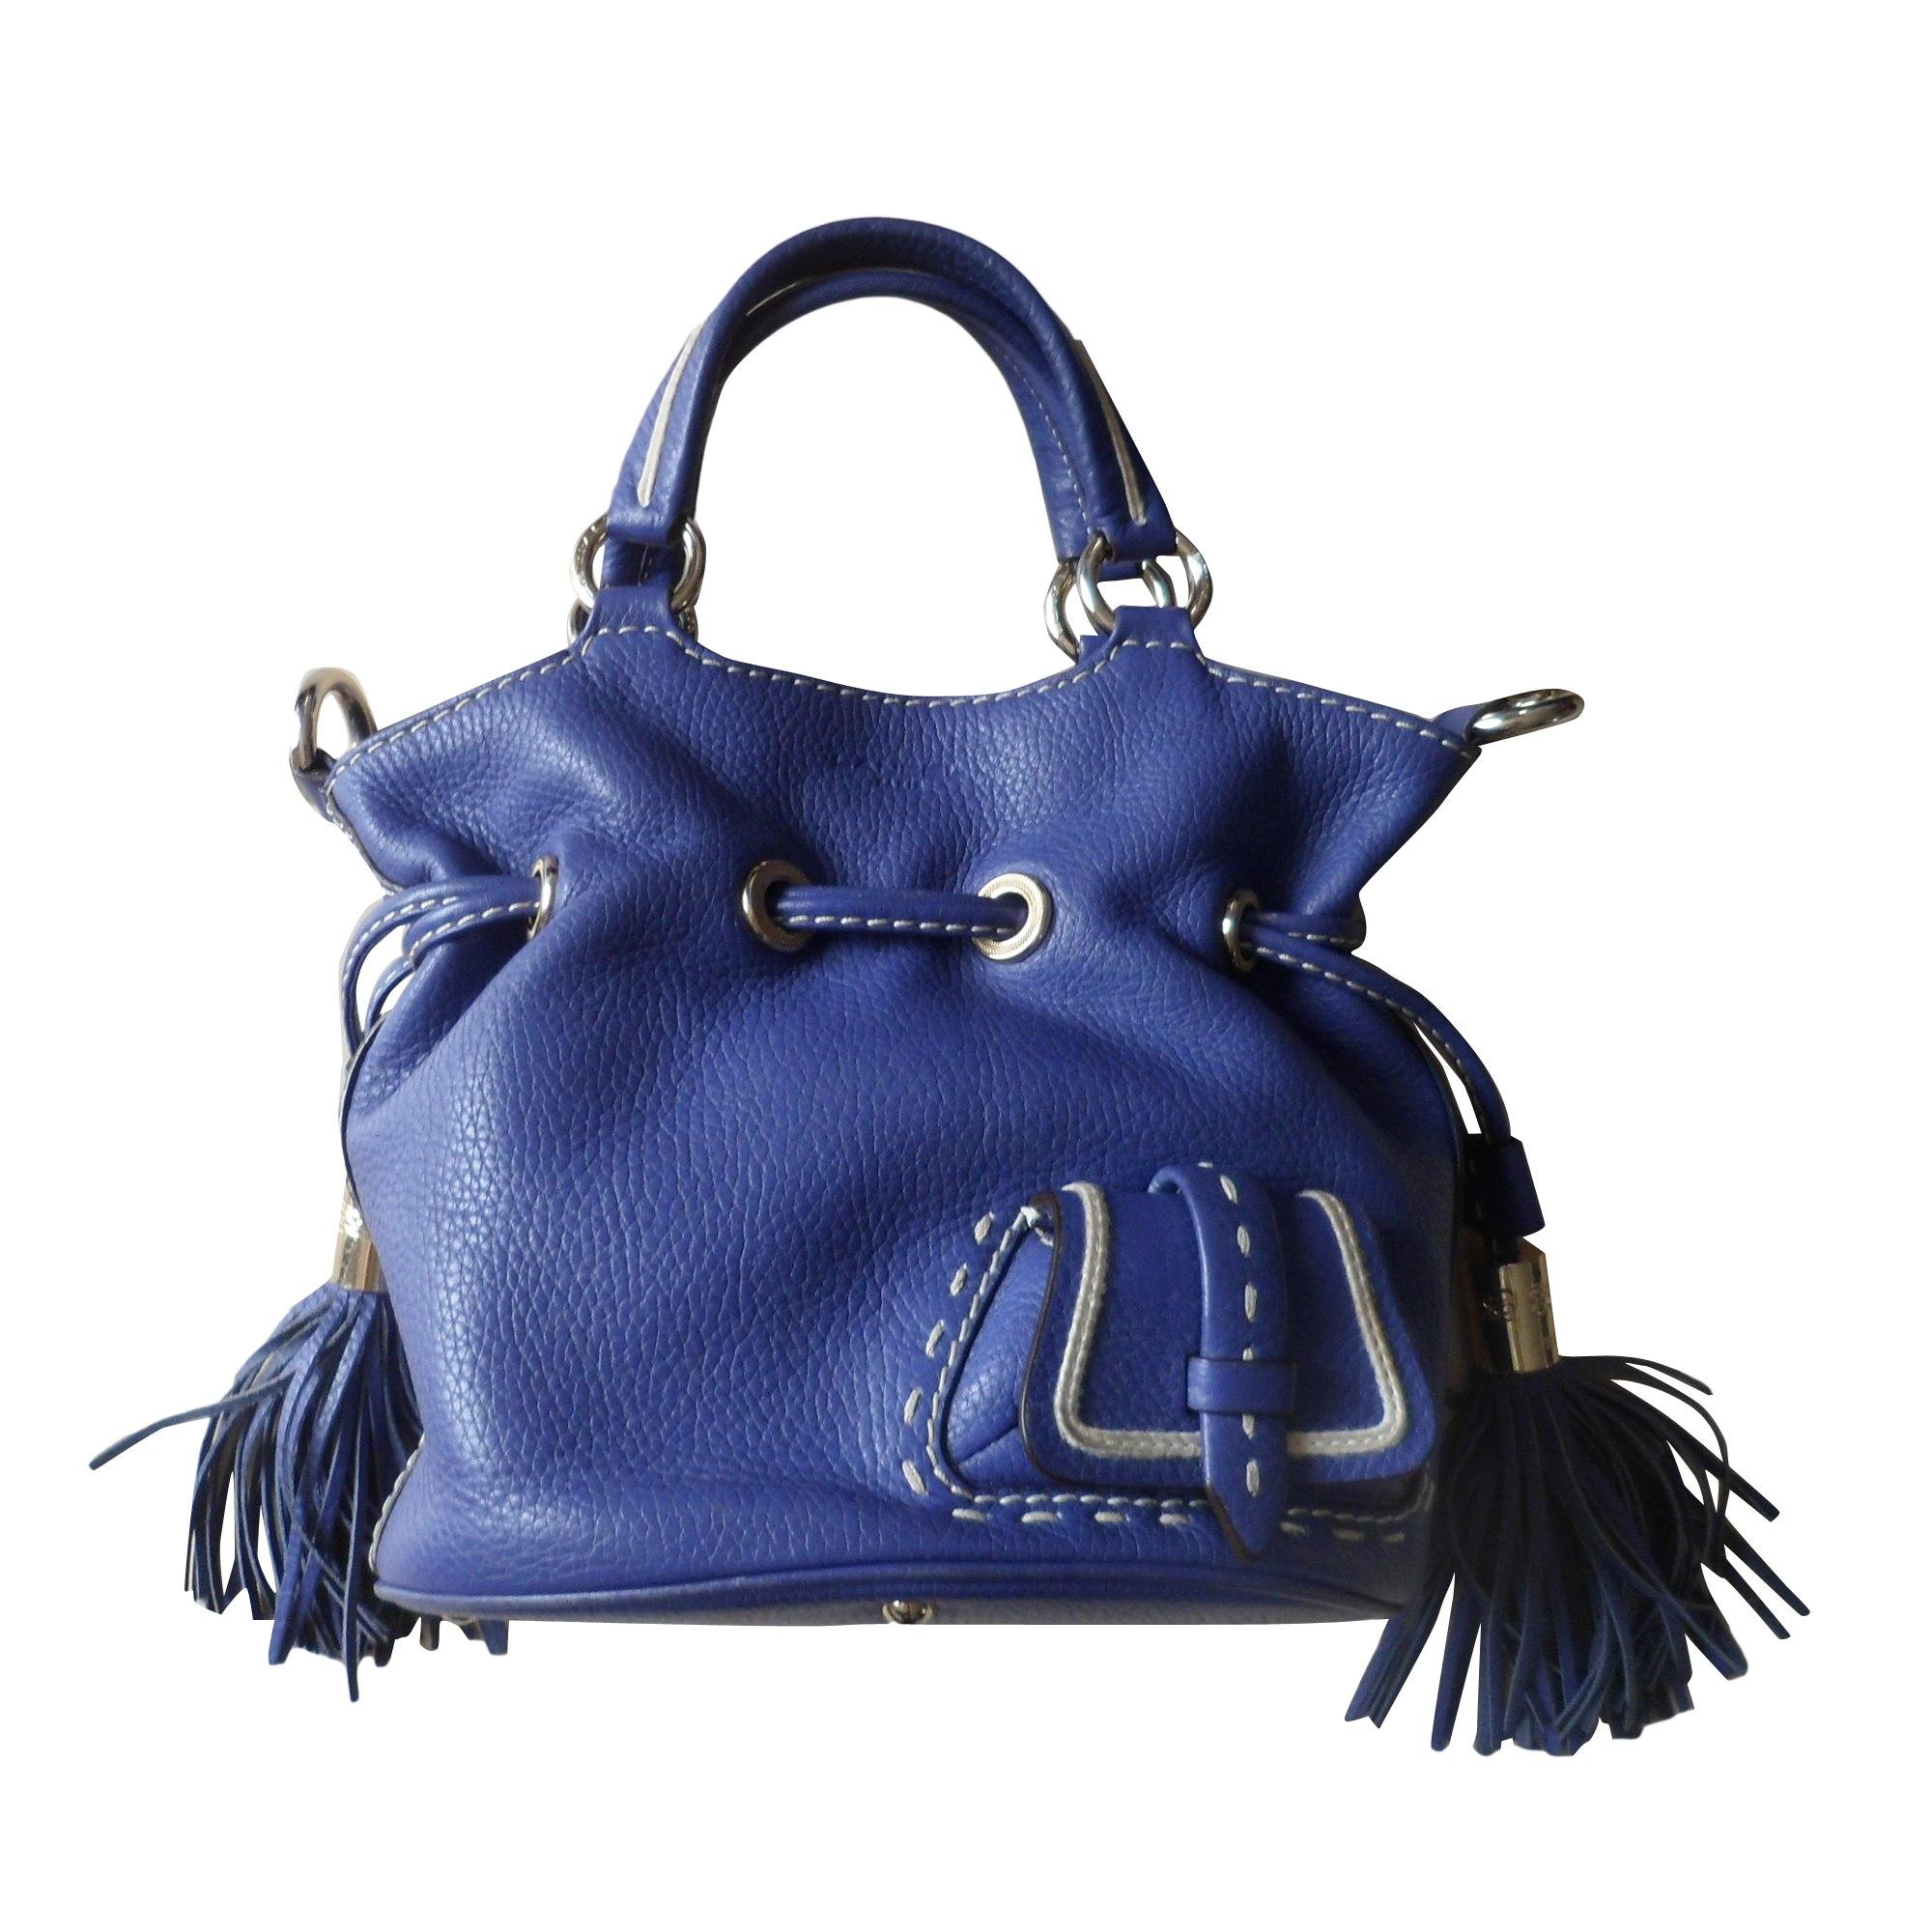 861d8567d5 Sac à main en cuir LANCEL 1er Flirt Bleu, bleu marine, bleu turquoise